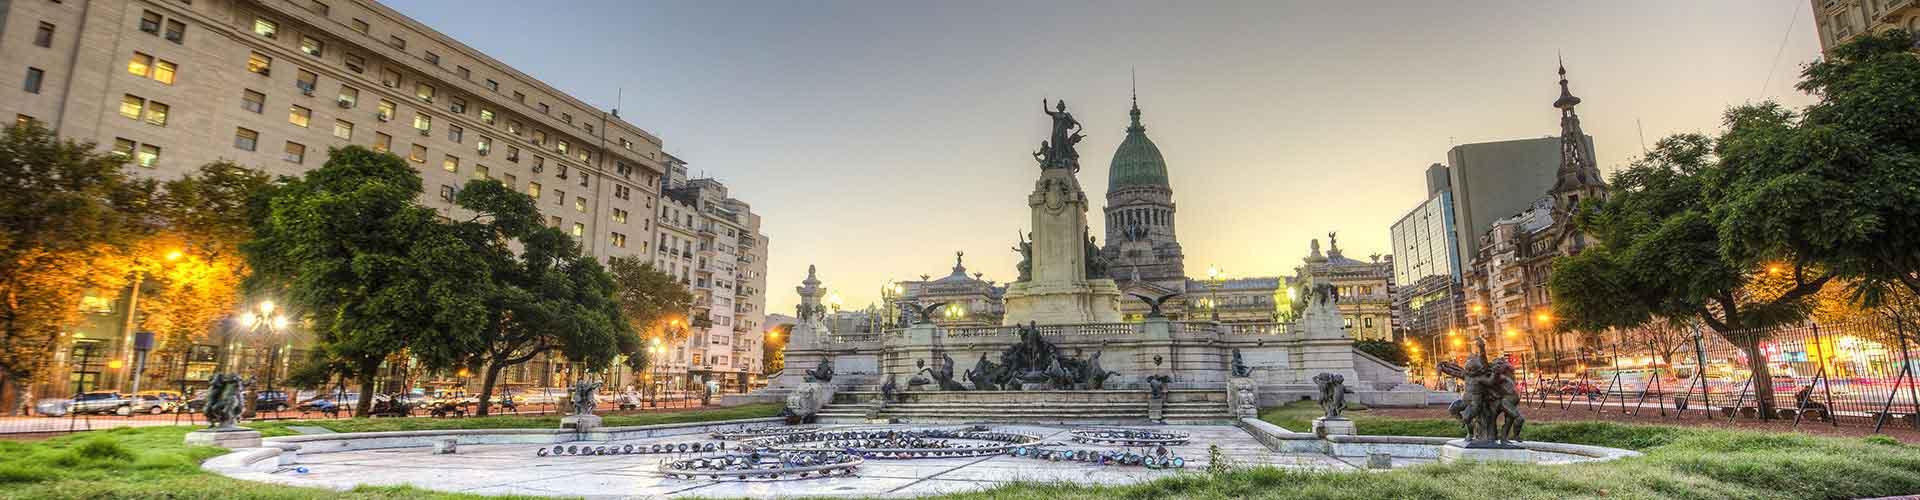 Buenos Aires - Hostele w pobliżu: Lotnisko Aeroparque Jorge Newbery. Mapy: Buenos Aires, Zdjęcia i Recenzje dla każdego hostelu w mieście: Buenos Aires.